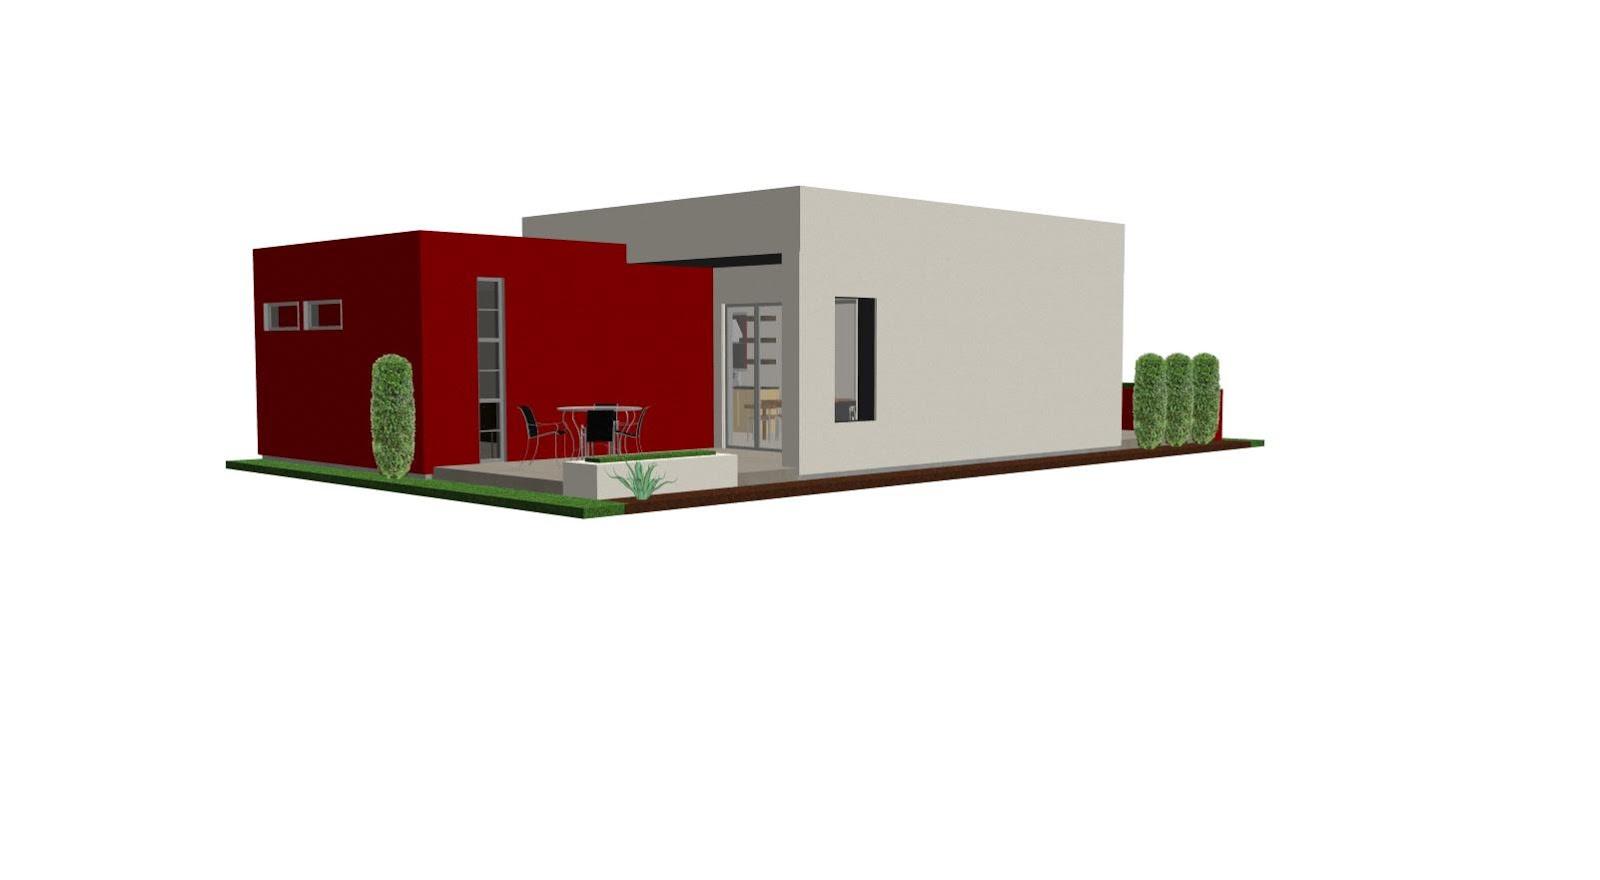 Descargar planos de casas y viviendas gratis fotos de for Viviendas modernas de una planta